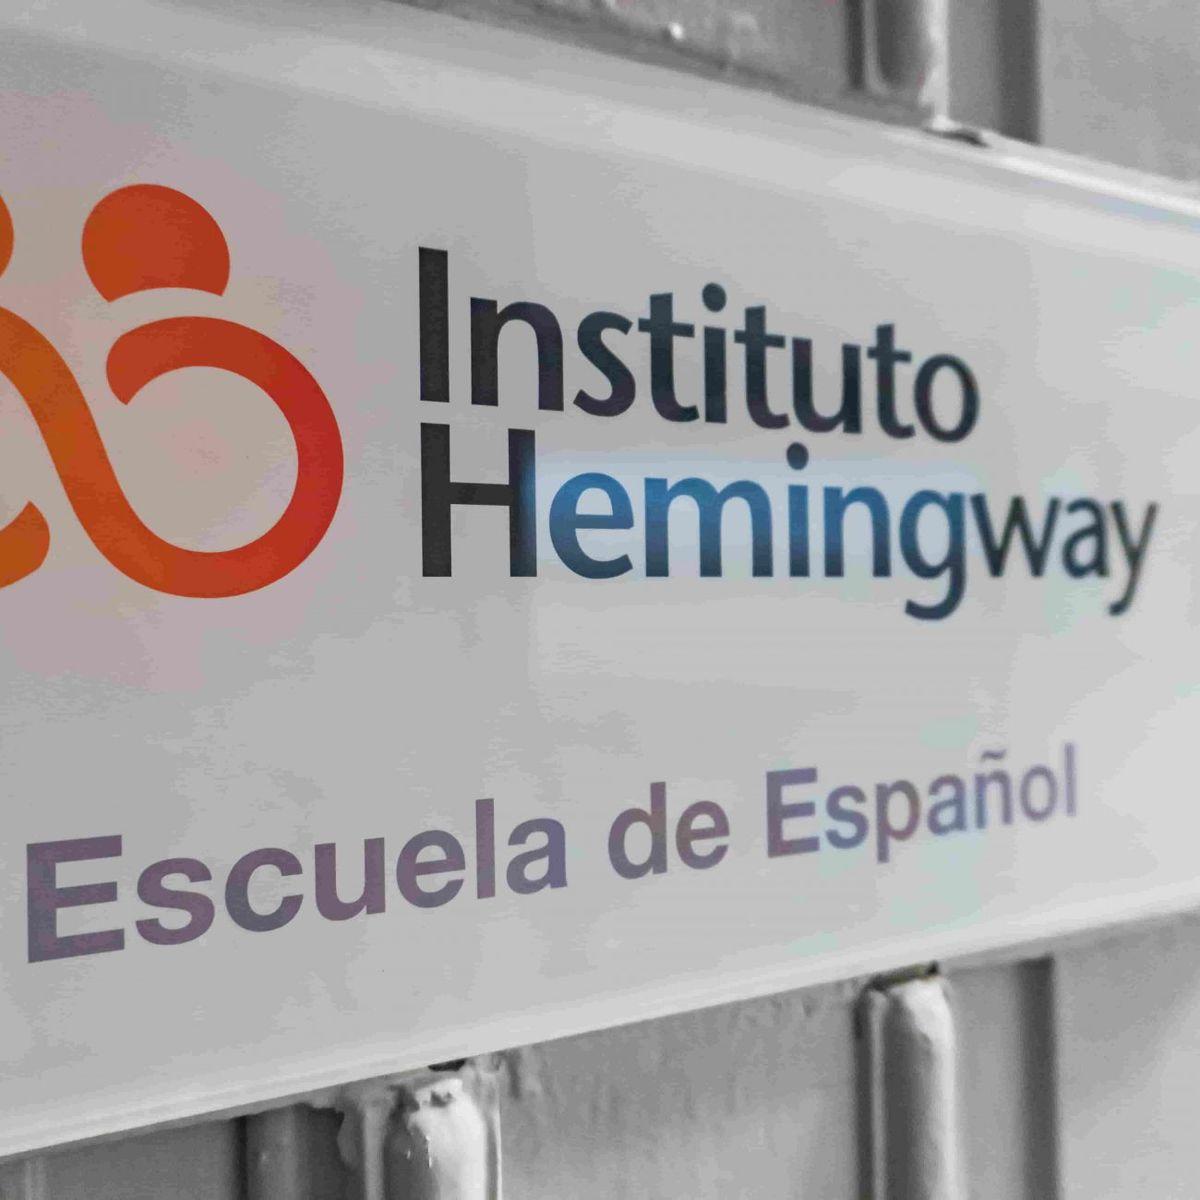 Escuela de español en Bilbao